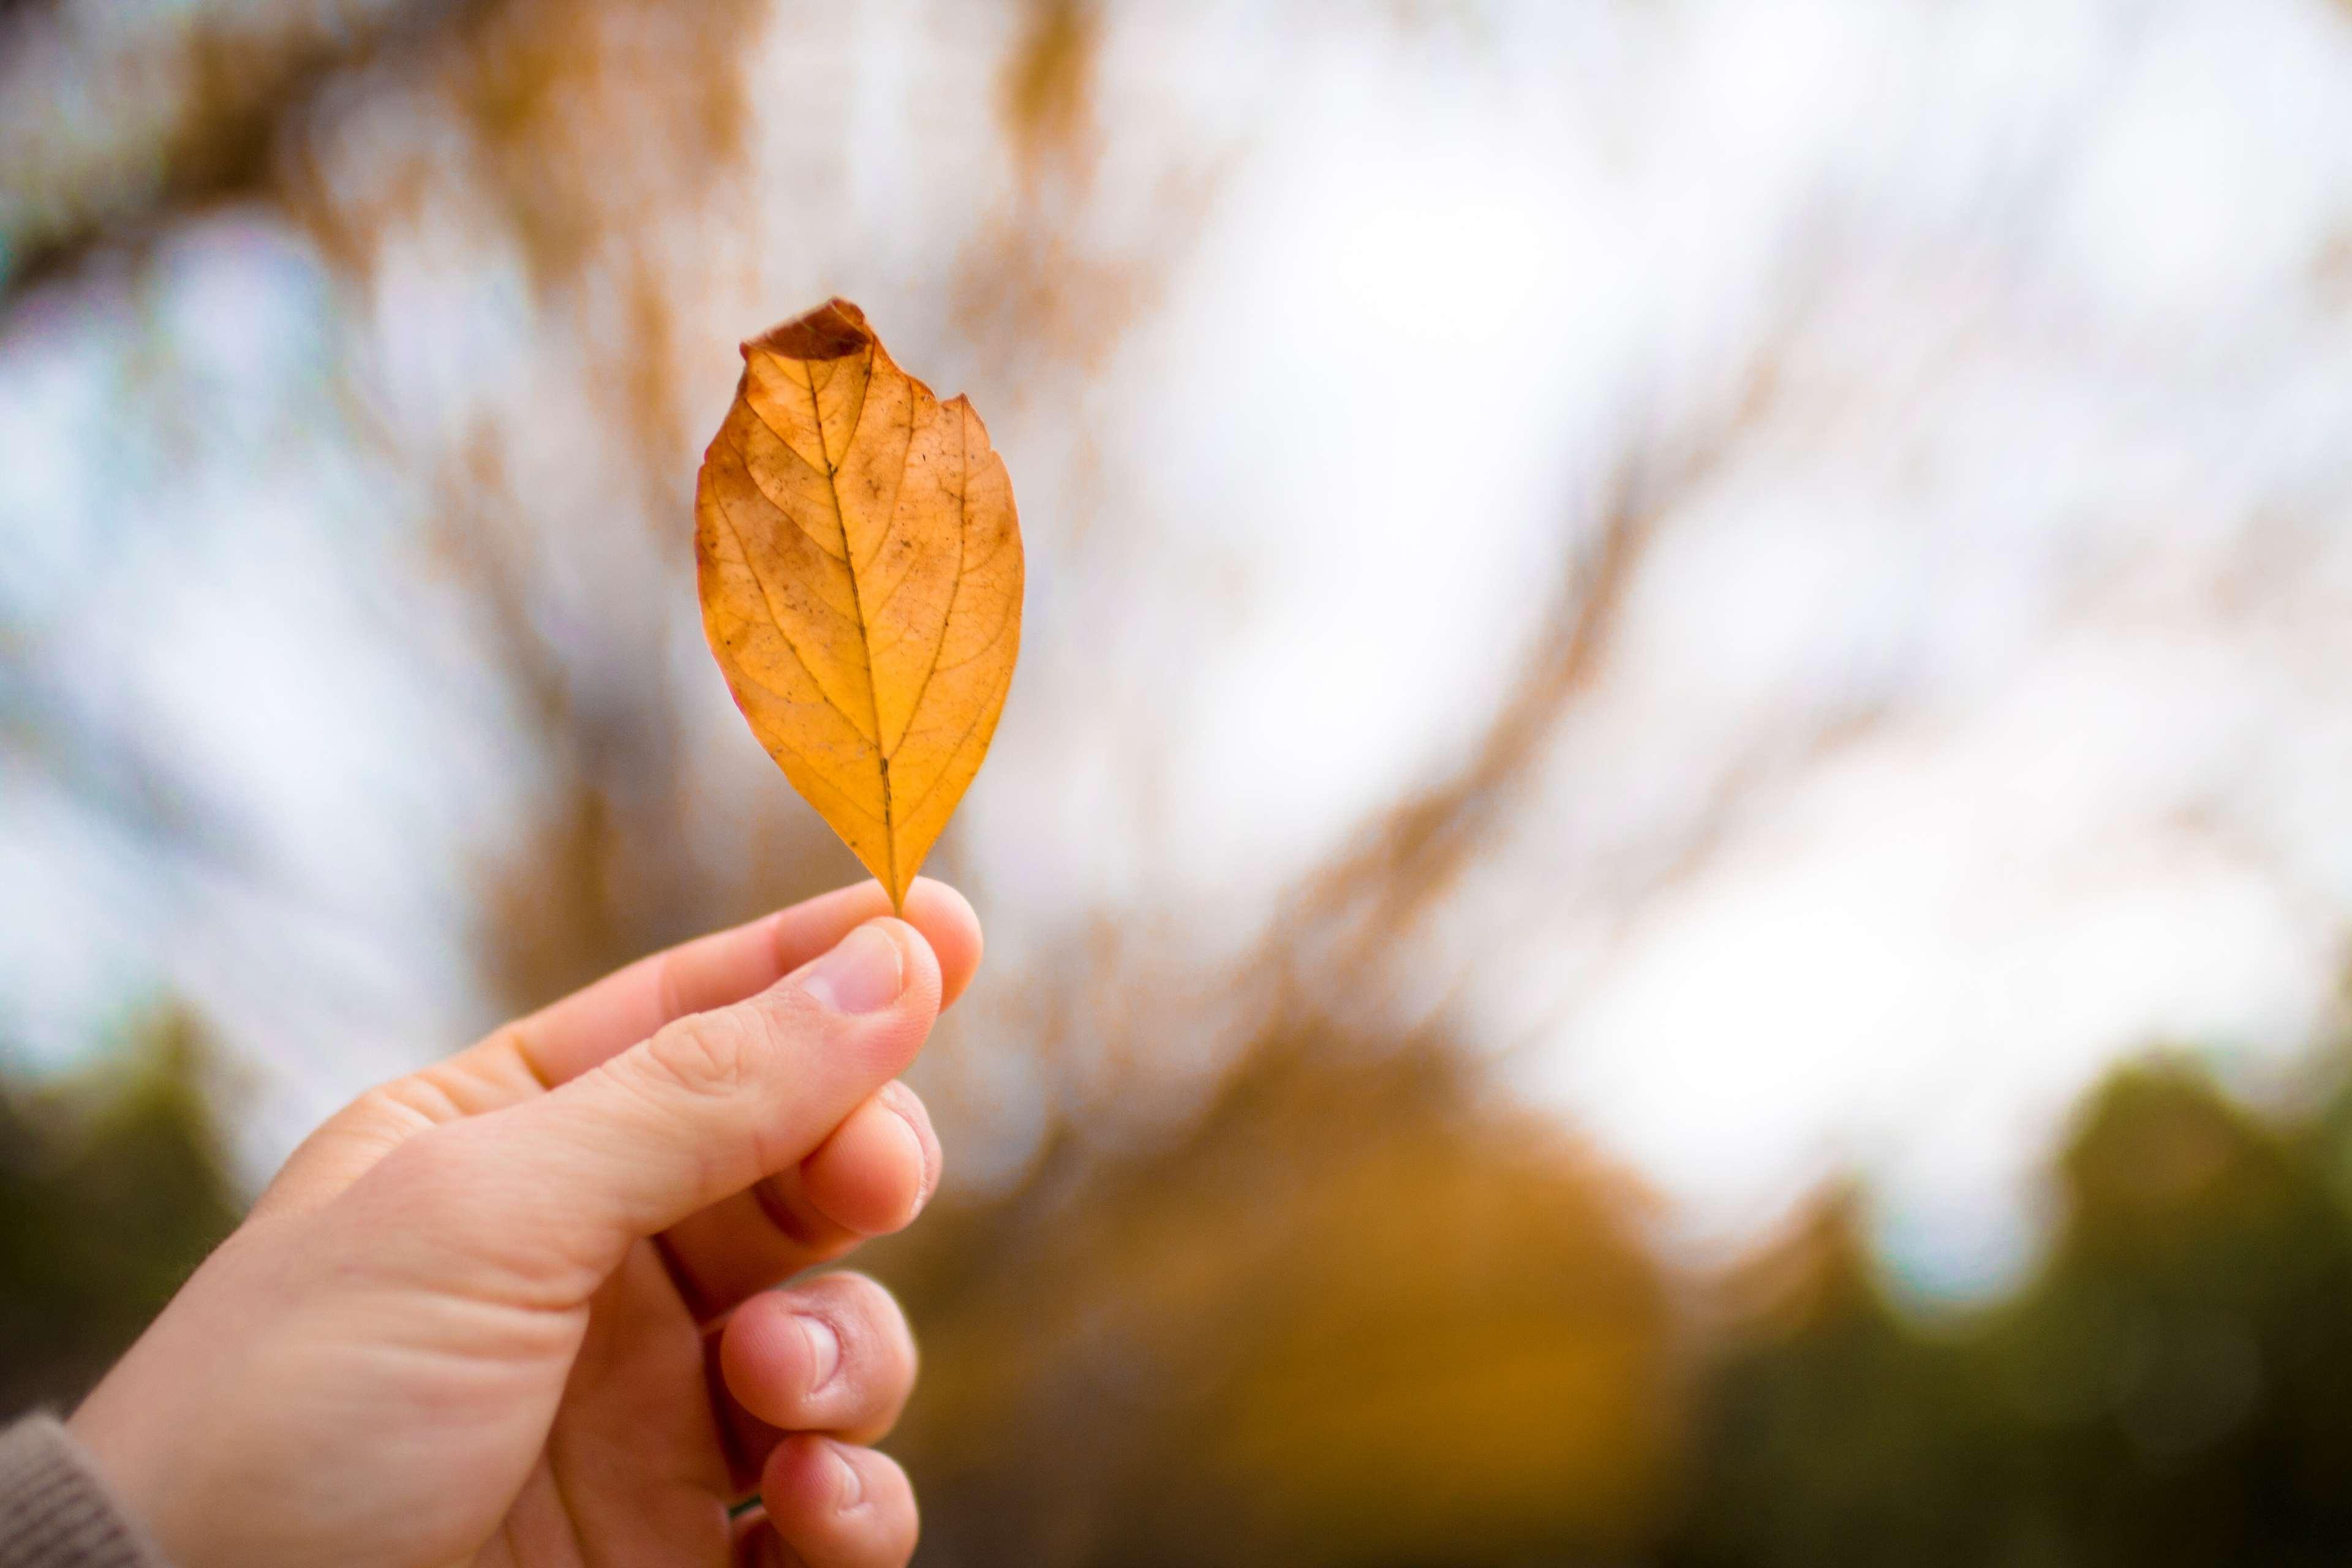 عکس دست و برگ پاییزی عاشقانه